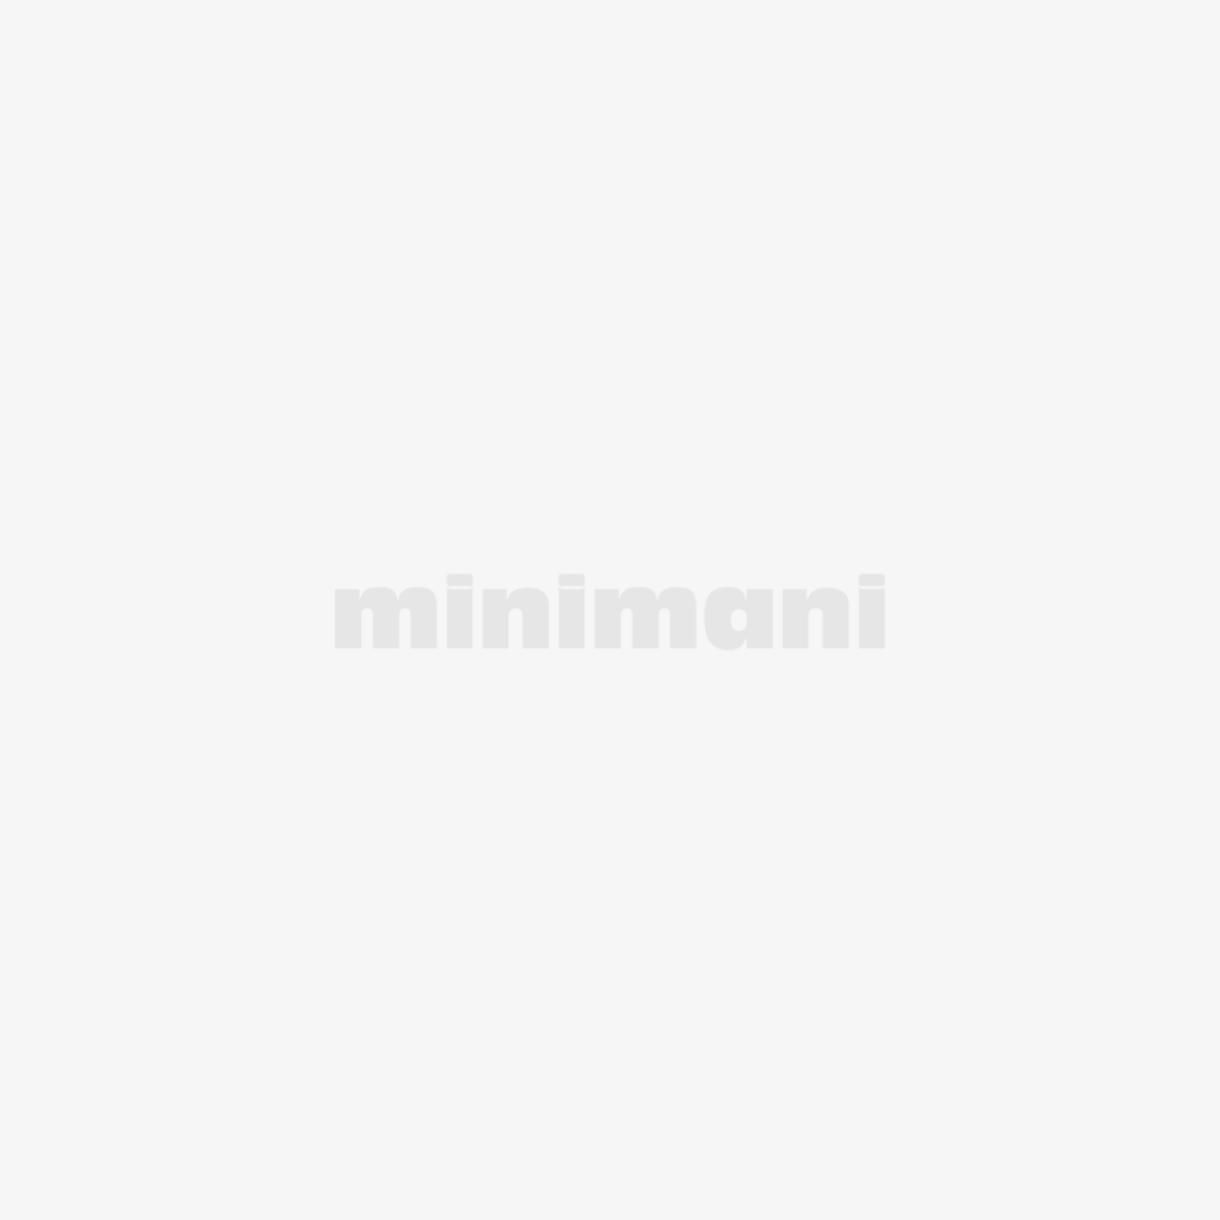 Bellus pöytätuuletin 30cm, valkoinen